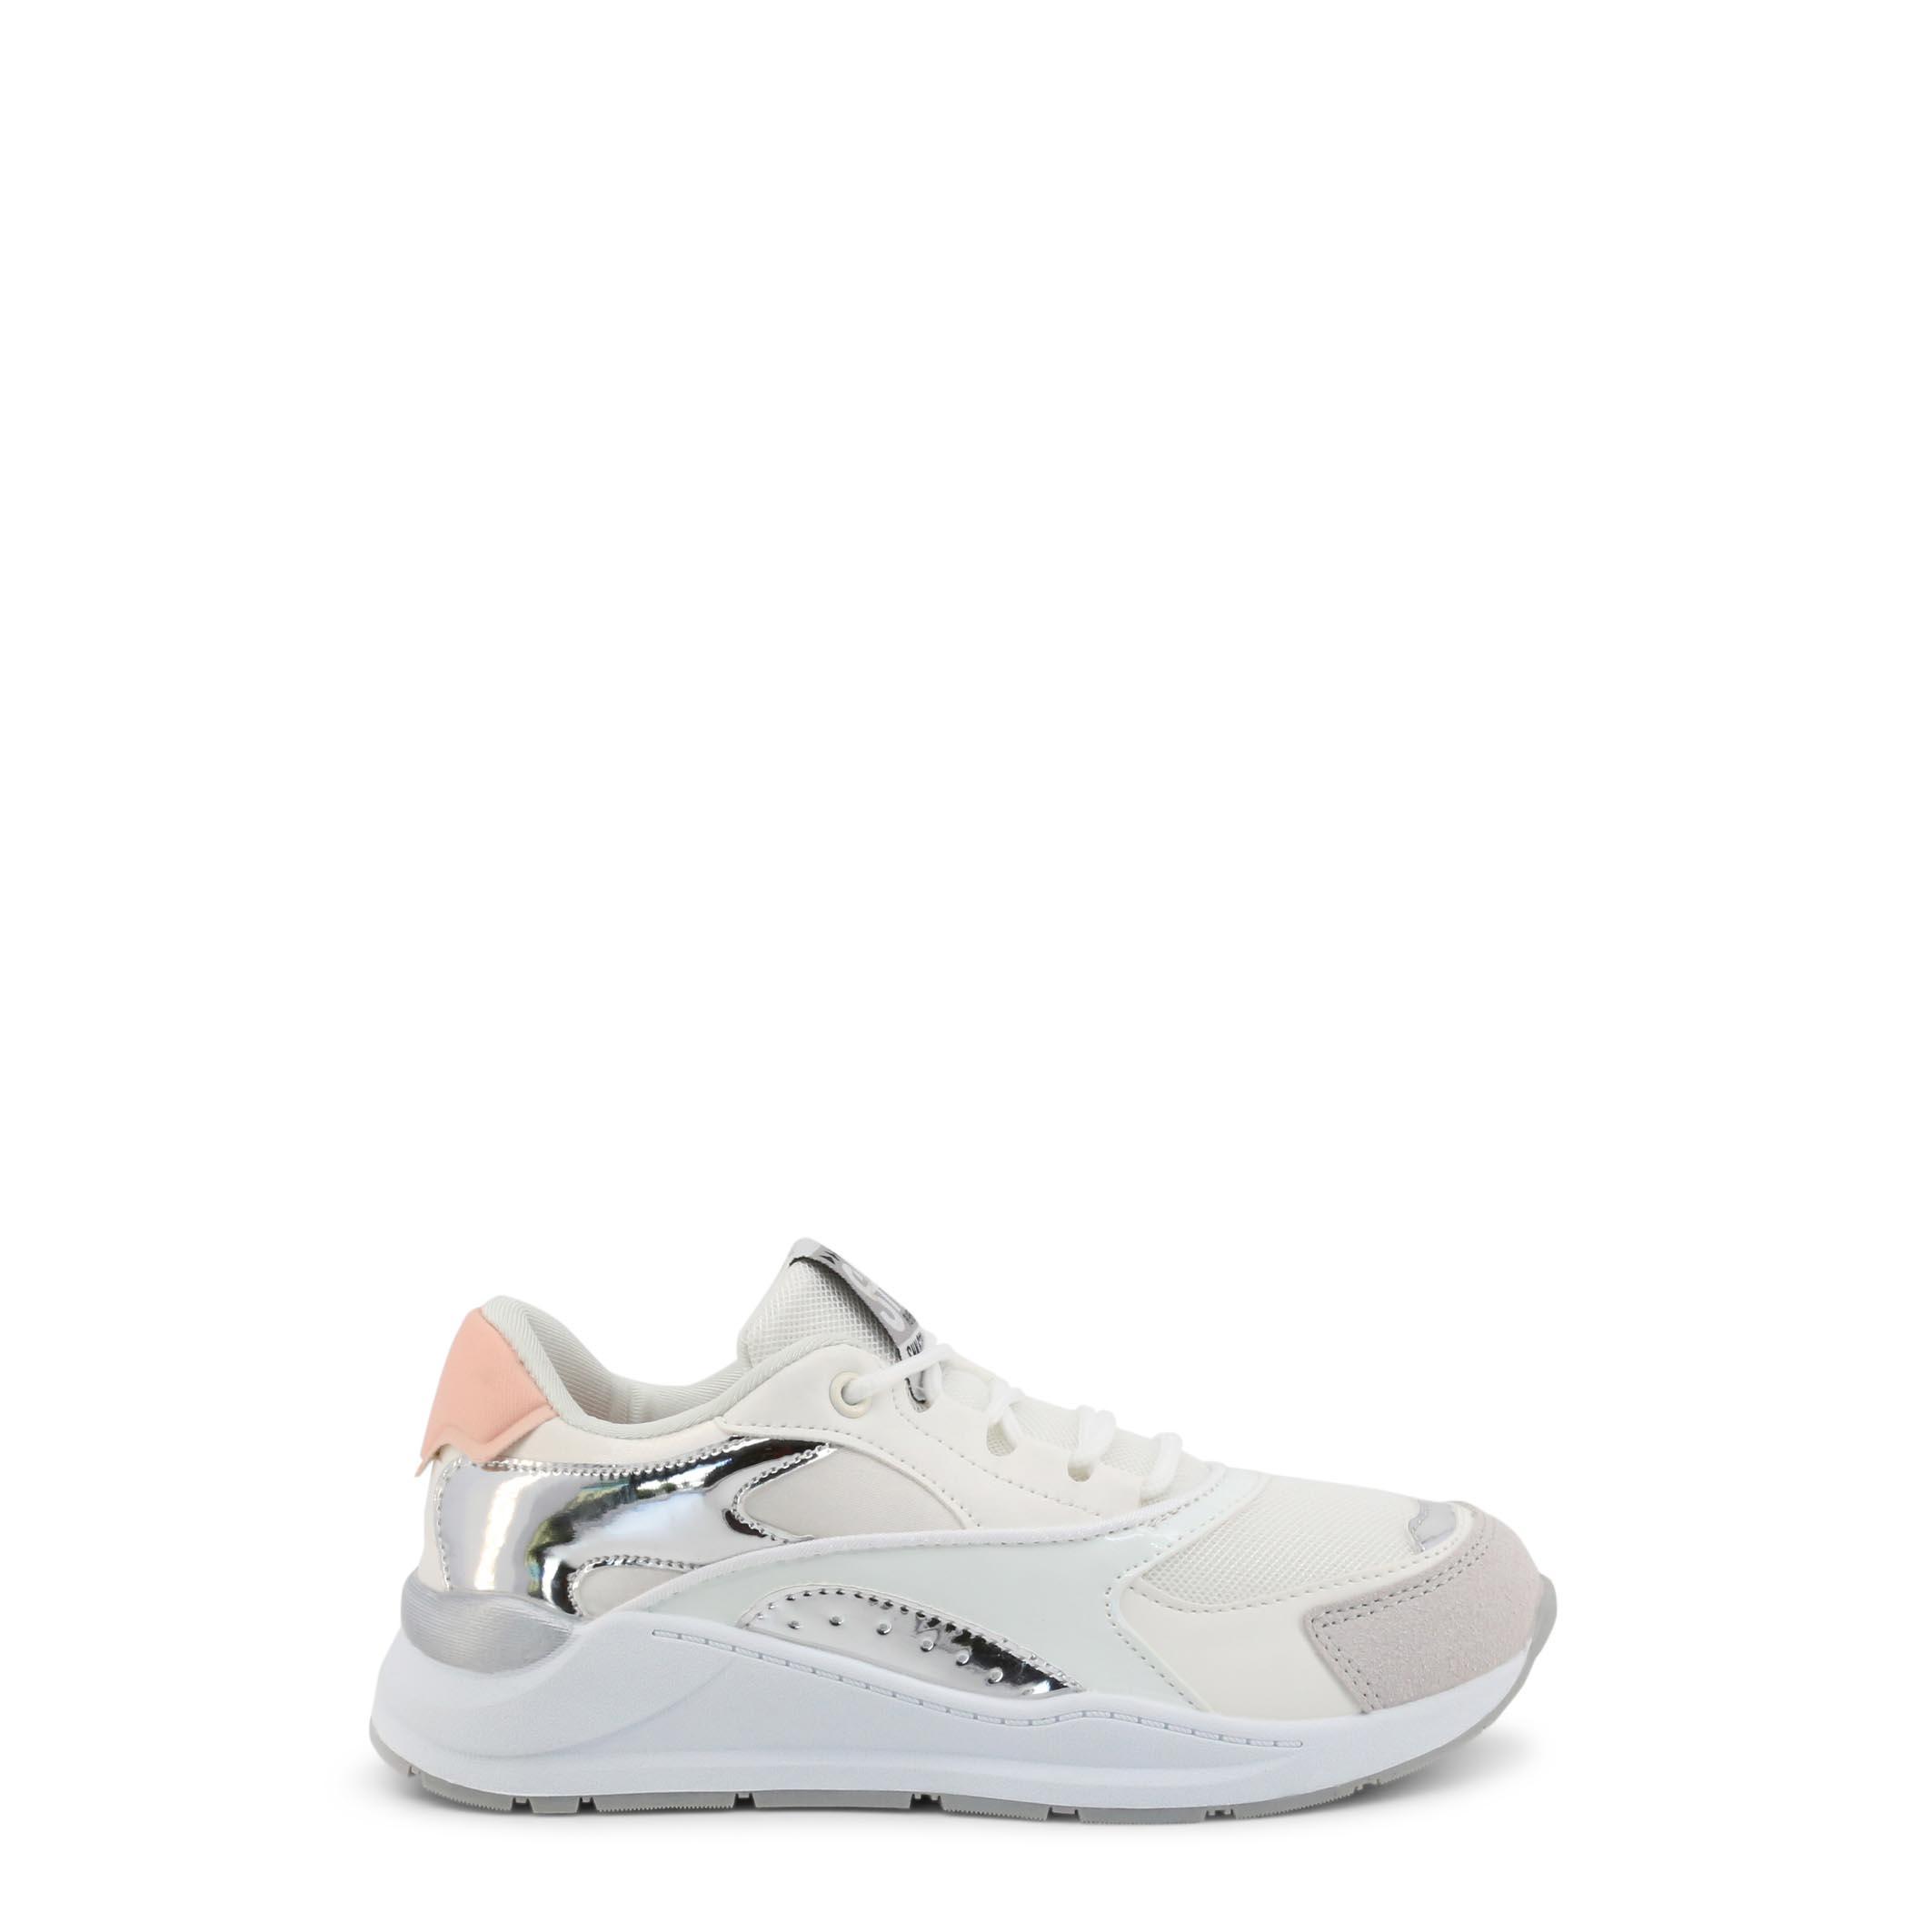 Shone - 3526-014 - White